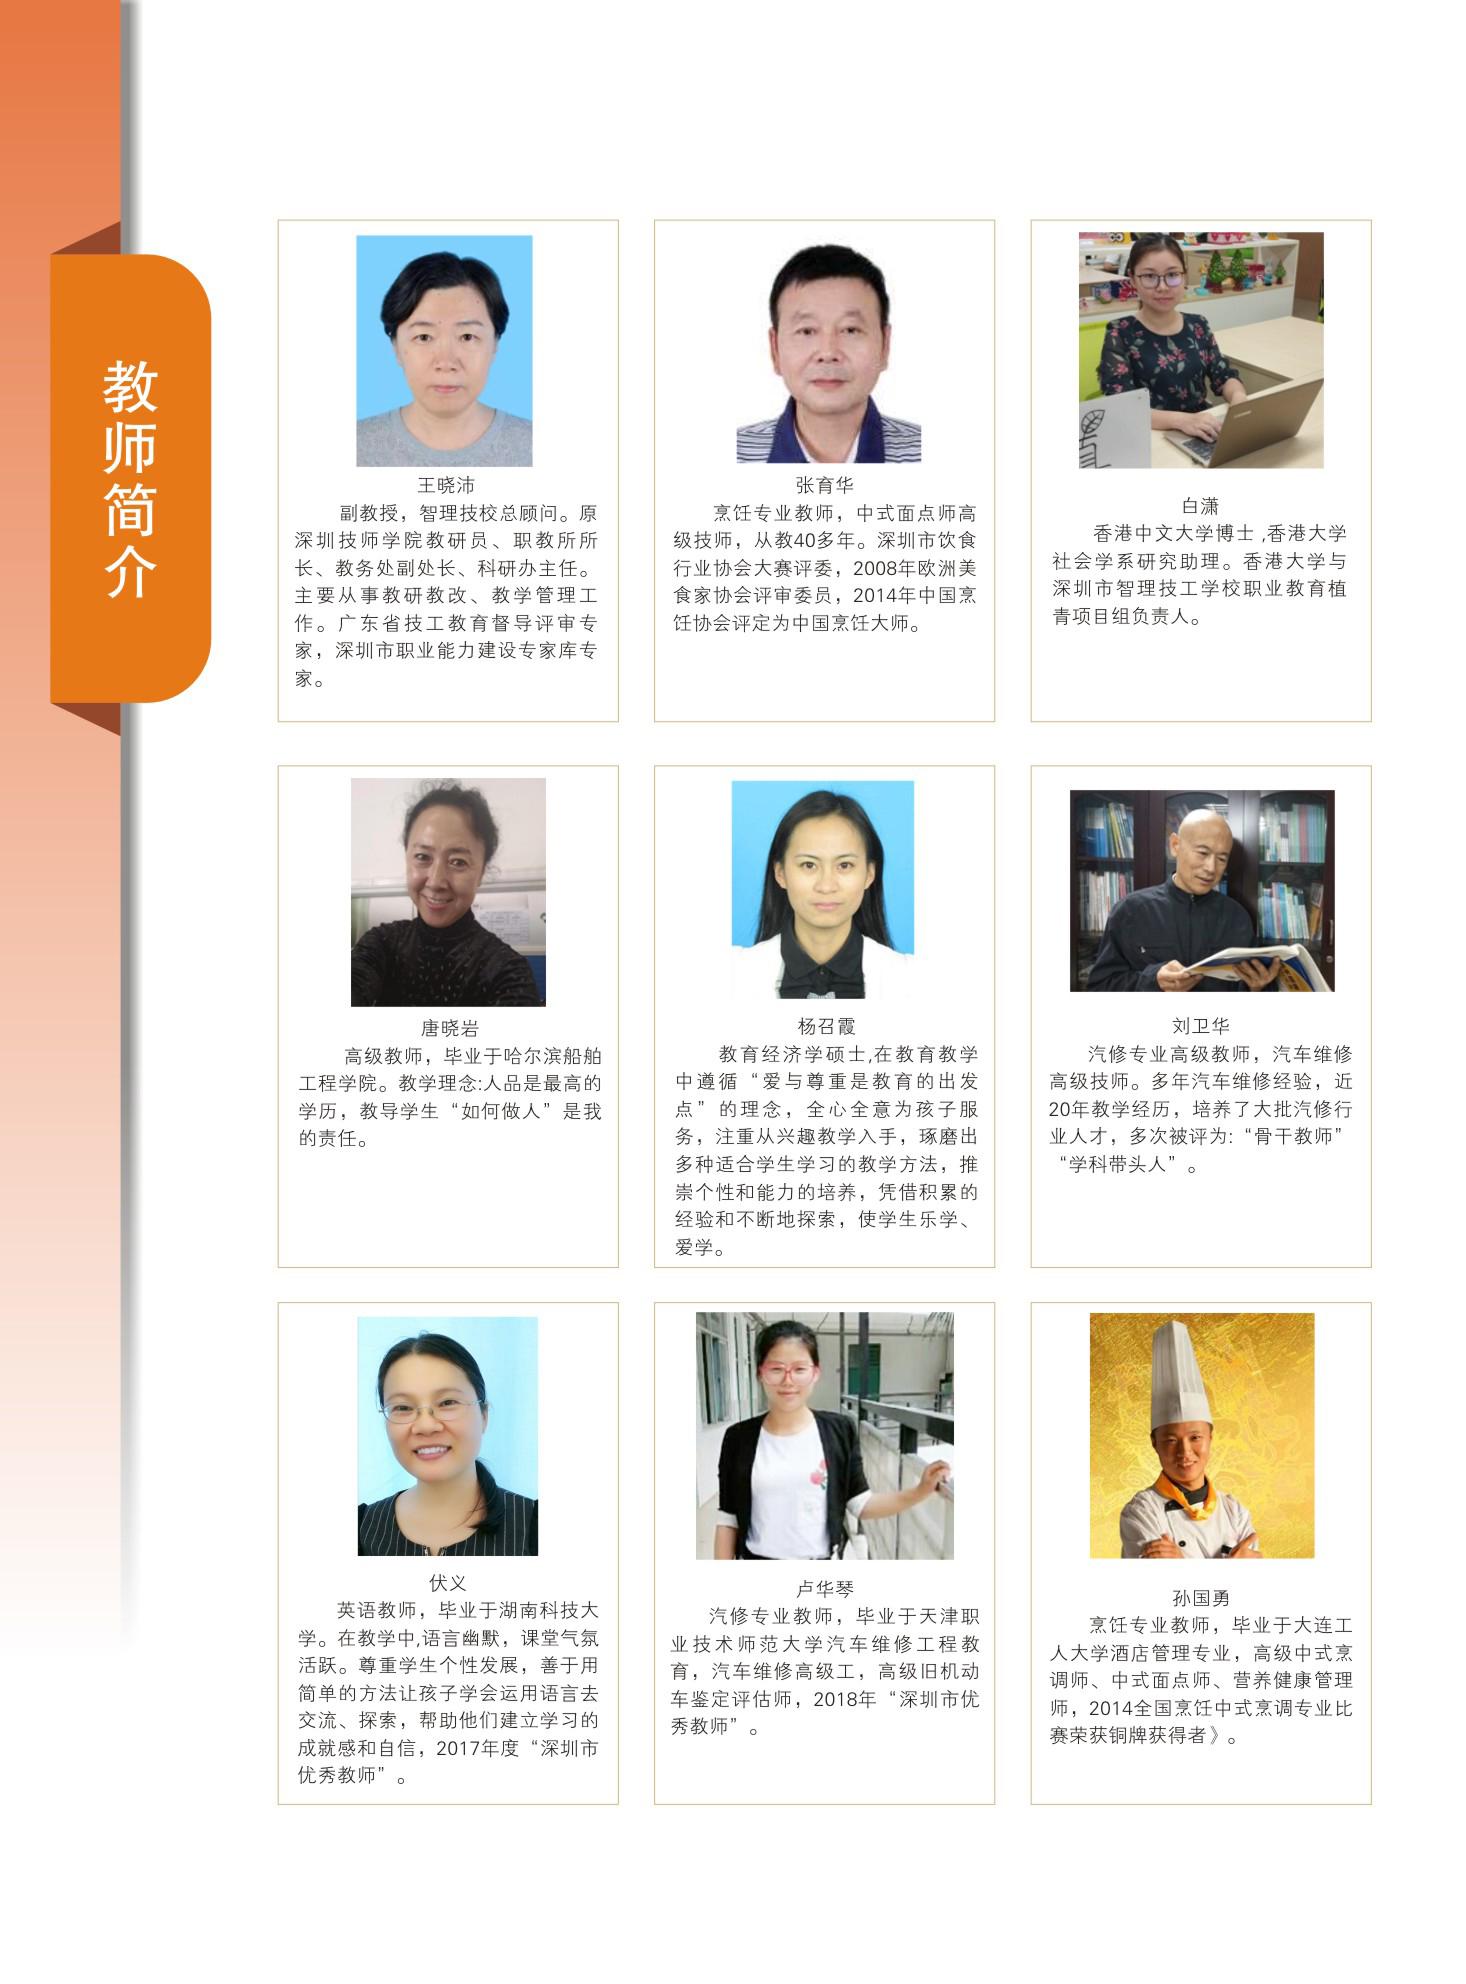 深圳市智理技工学校2019年招生简章教师简介